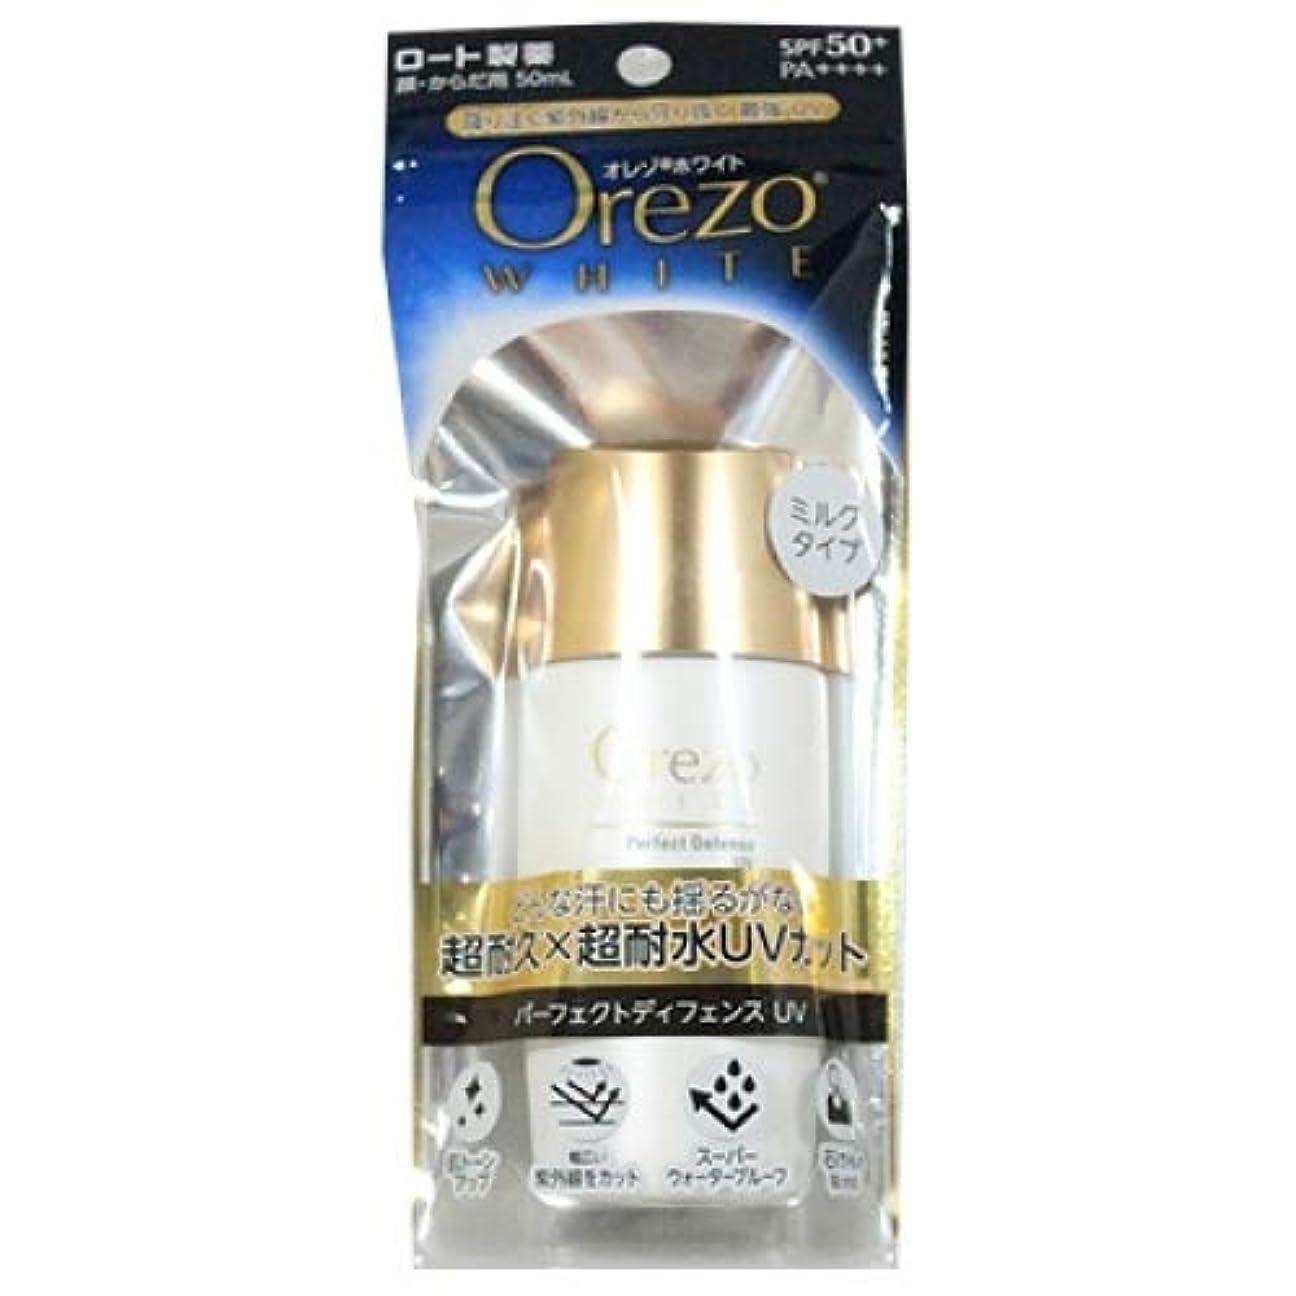 ブレス聖人合計ロート製薬 Orezo オレゾ ホワイト パーフェクトディフェンスUVa SPF50+ PA++++ (50mL)